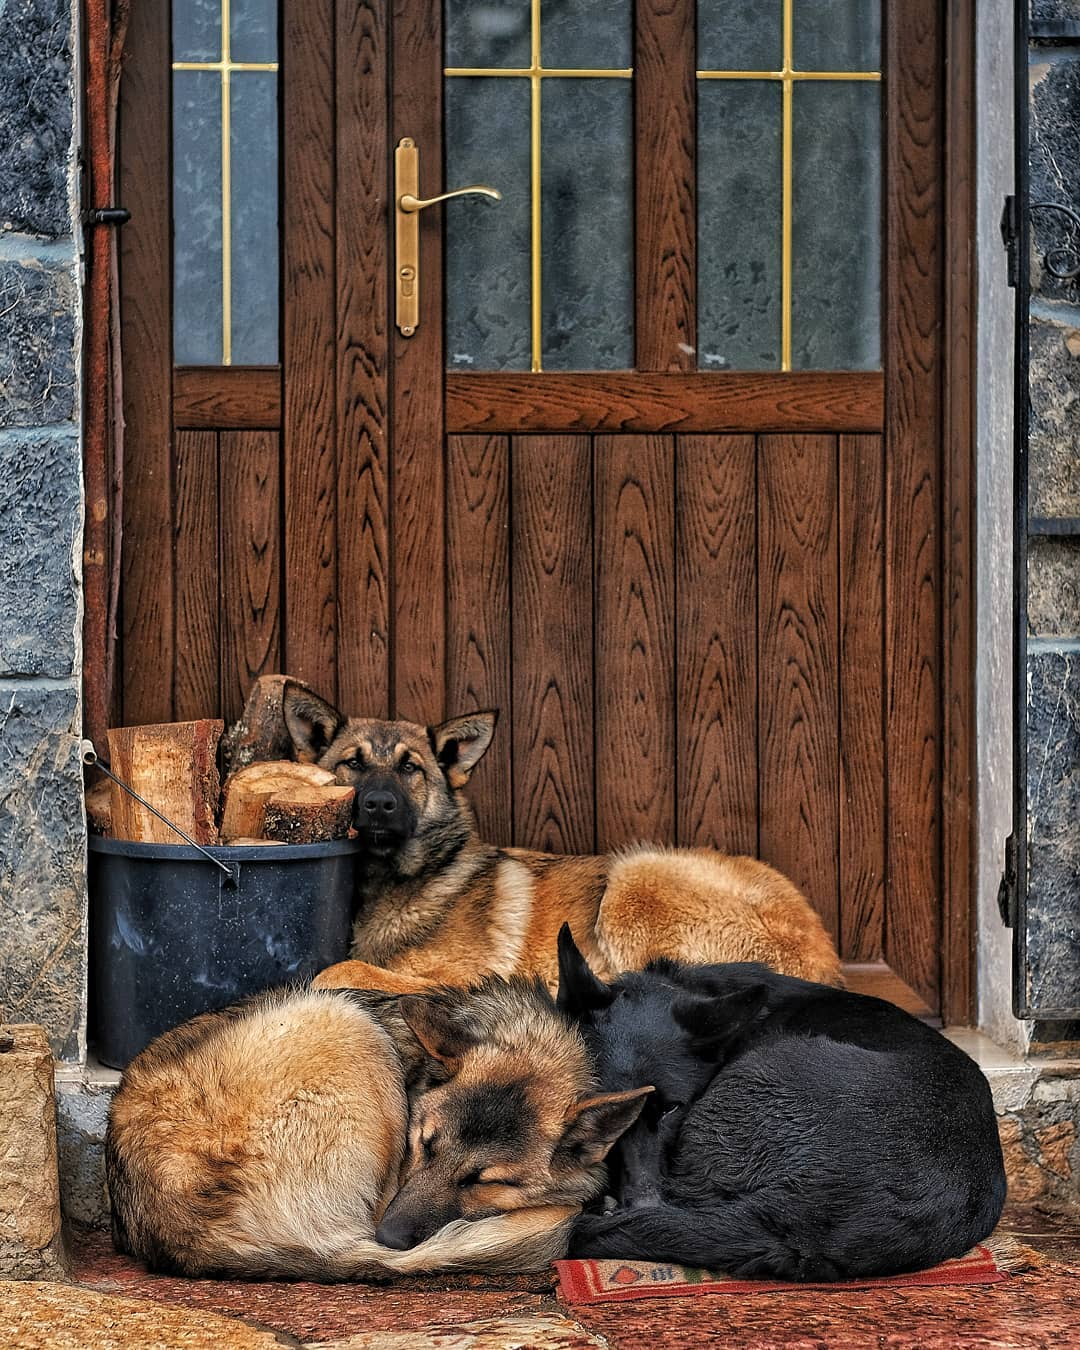 Fro nivel perros en vidrieros instadog friends frio montaapalentina palenciahellip